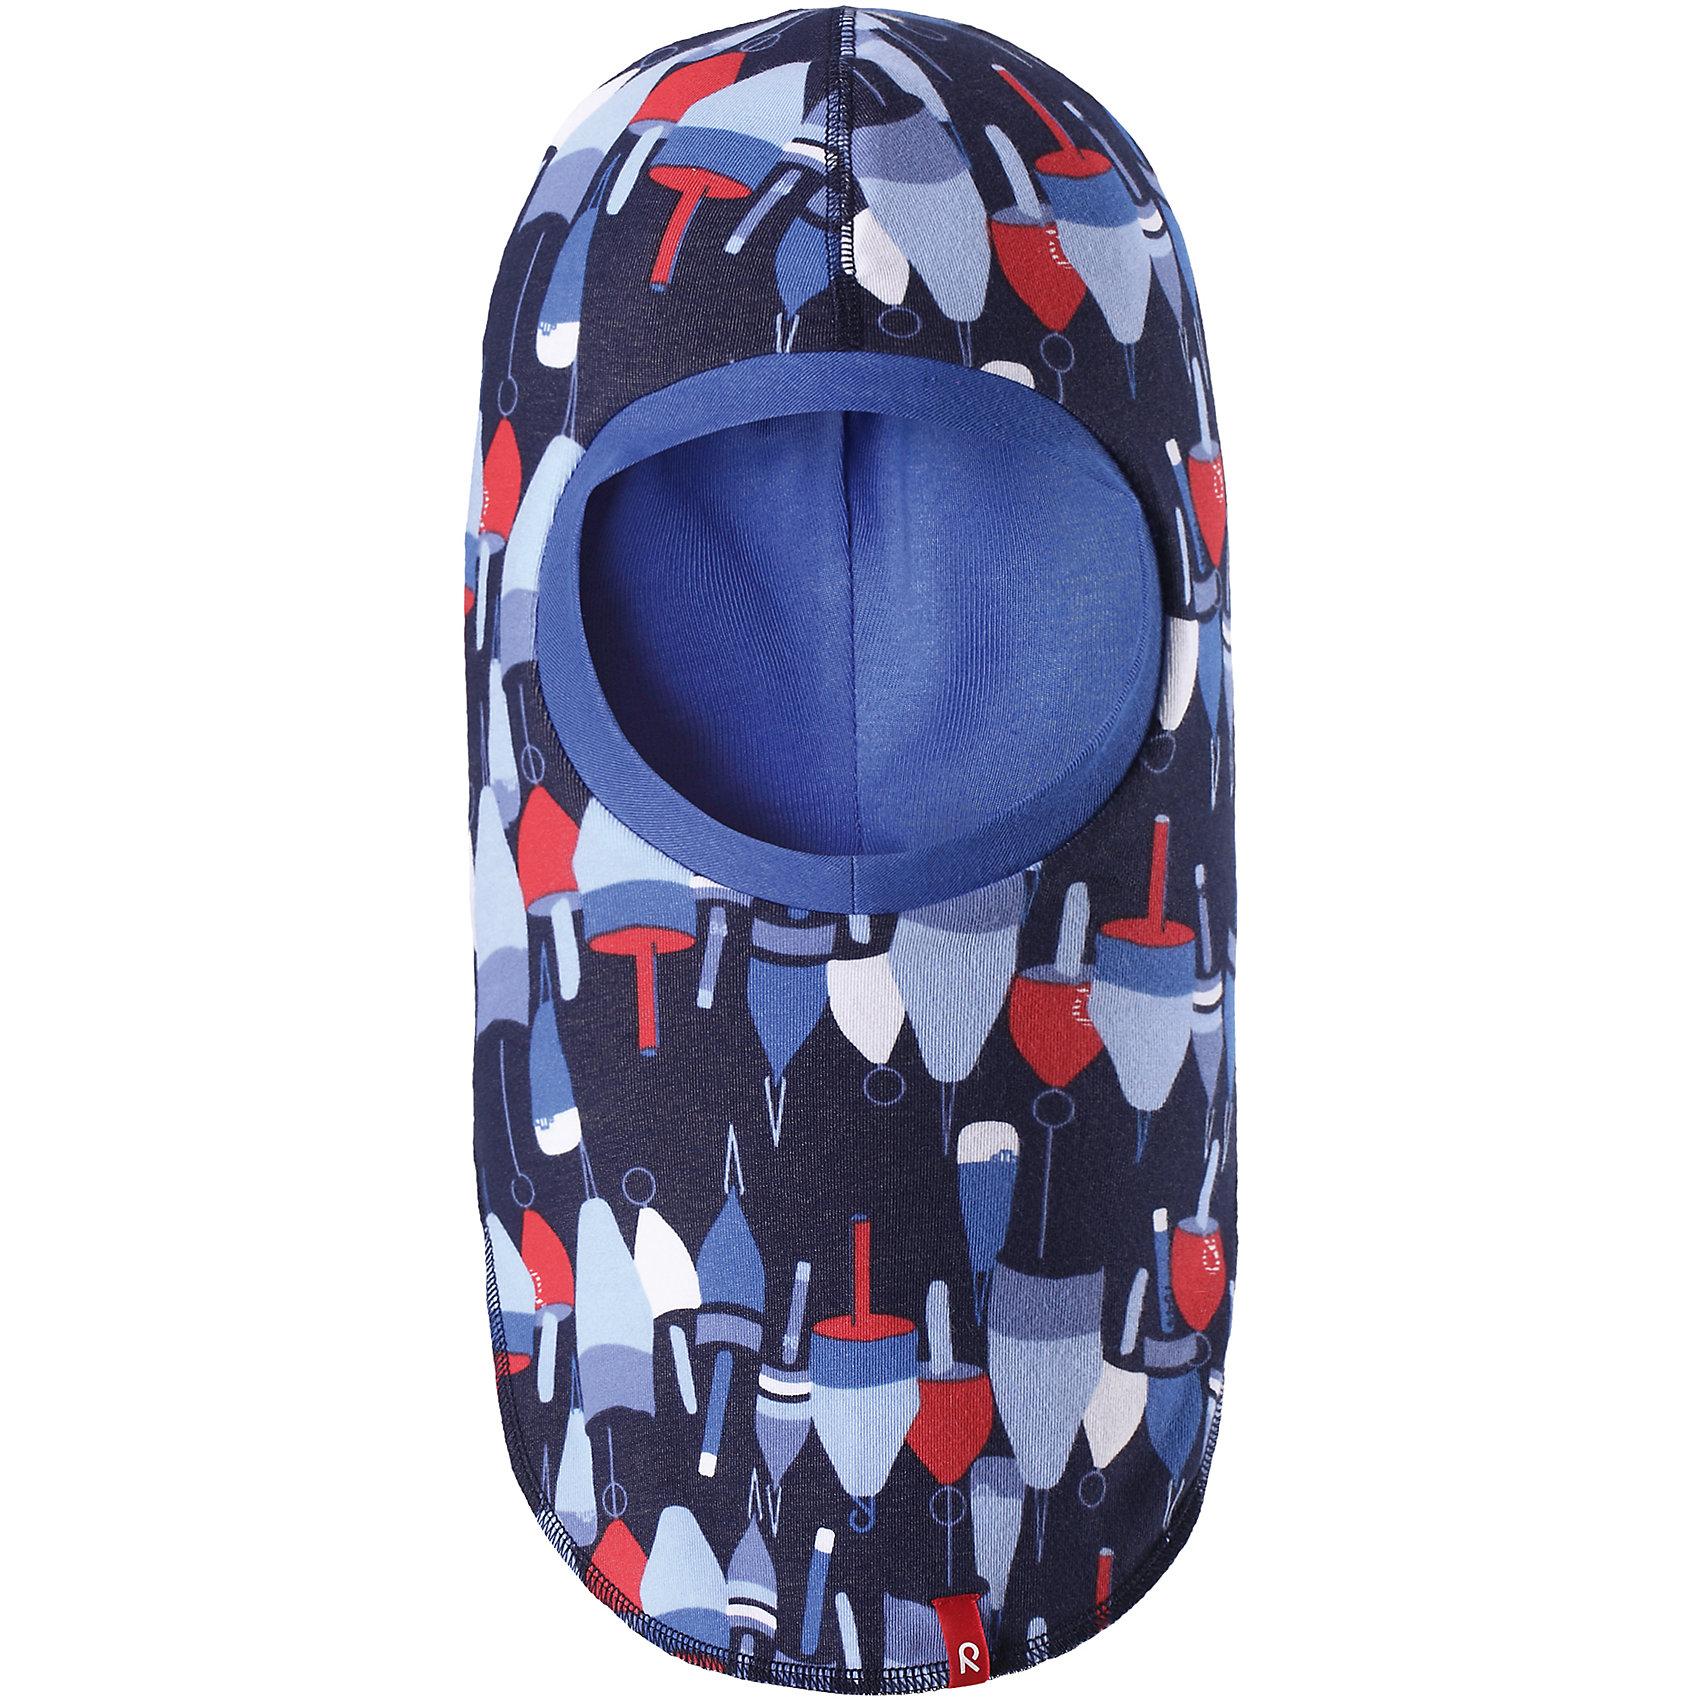 Шапка-шлем Kuunari ReimaШапки и шарфы<br>Характеристики товара:<br><br>• цвет: тёмно-синий<br>• состав: 65% хлопок, 30% полиэстер, 5% эластан<br>• сплошная подкладка: влаговыводящий трикотаж Play Jersey<br>• температурный режим: от -5С до +10С<br>• двухсторонняя модель<br>• эластичный материал<br>• быстросохнущий, очень приятный на ощупь материал Play Jersey<br>• приятная на ощупь хлопковая поверхность<br>• влагоотводящая изнаночная сторона<br>• УФ-защита 40+<br>• эмблема Reima<br>• страна бренда: Финляндия<br>• страна производства: Китай<br><br>Эта модель - двусторонняя: вывернув её, получаем еще одну шапку другой расцветки! Детский головной убор может быть модным и удобным одновременно. Стильная шапка поможет обеспечить ребенку комфорт и дополнить наряд. Шапка удобно сидит и аккуратно выглядит. Проста в уходе, долго служит. Стильный дизайн разрабатывался специально для детей. Отличная защита от дождя и ветра!<br><br>Уход:<br><br>• сирать с бельем одинакового цвета, вывернув наизнанку<br>• полоскать без специального средства<br>• придать первоначальную форму вo влажном виде.<br><br>Шапку от финского бренда Reima (Рейма) можно купить в нашем интернет-магазине.<br><br>Ширина мм: 89<br>Глубина мм: 117<br>Высота мм: 44<br>Вес г: 155<br>Цвет: синий<br>Возраст от месяцев: 18<br>Возраст до месяцев: 36<br>Пол: Унисекс<br>Возраст: Детский<br>Размер: 50,54,46<br>SKU: 5270976